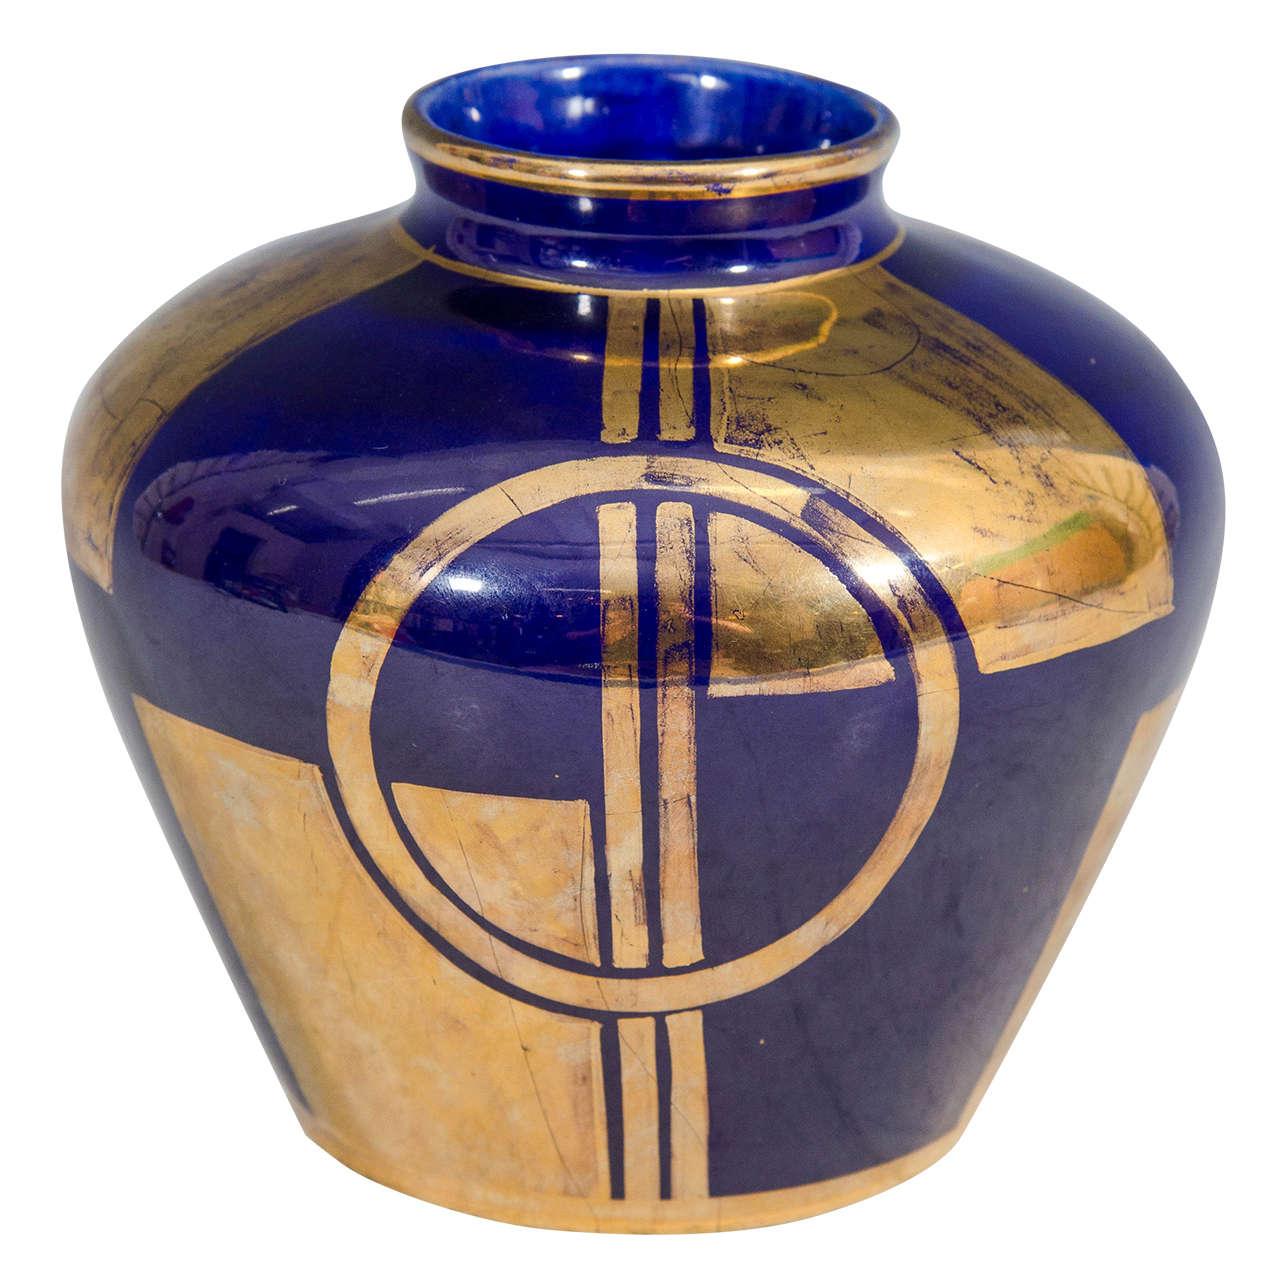 Paris Porcelain Art Nouveau Period Lamp Chinese Taste: Art Deco Cobalt Blue Sevres Vase At 1stdibs